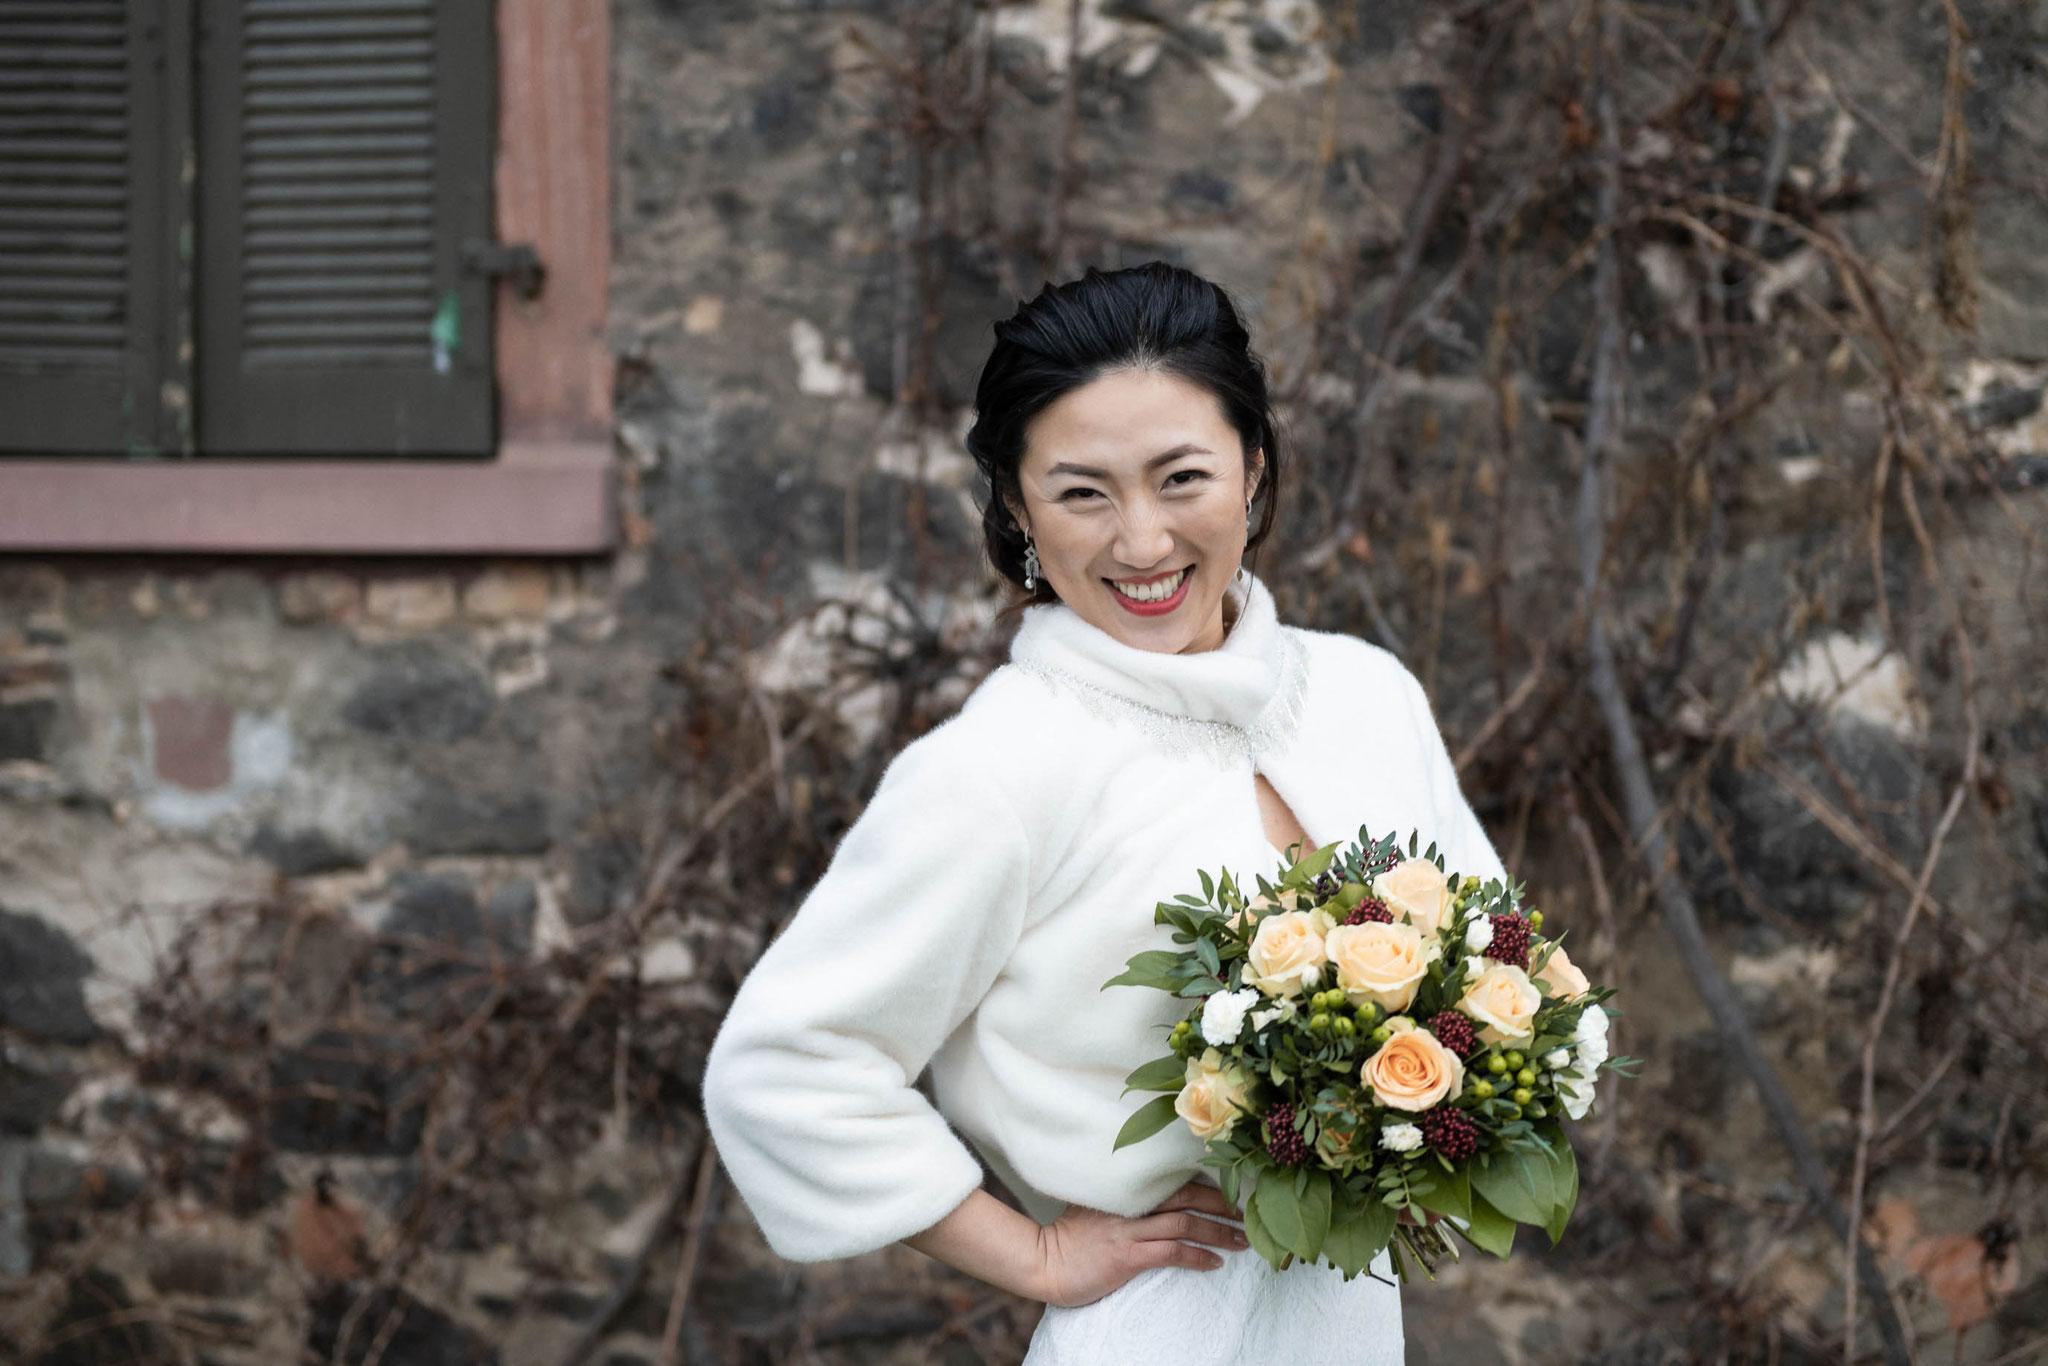 Die Braut in ihrem Element und voller Energie während dem Fotoshooting